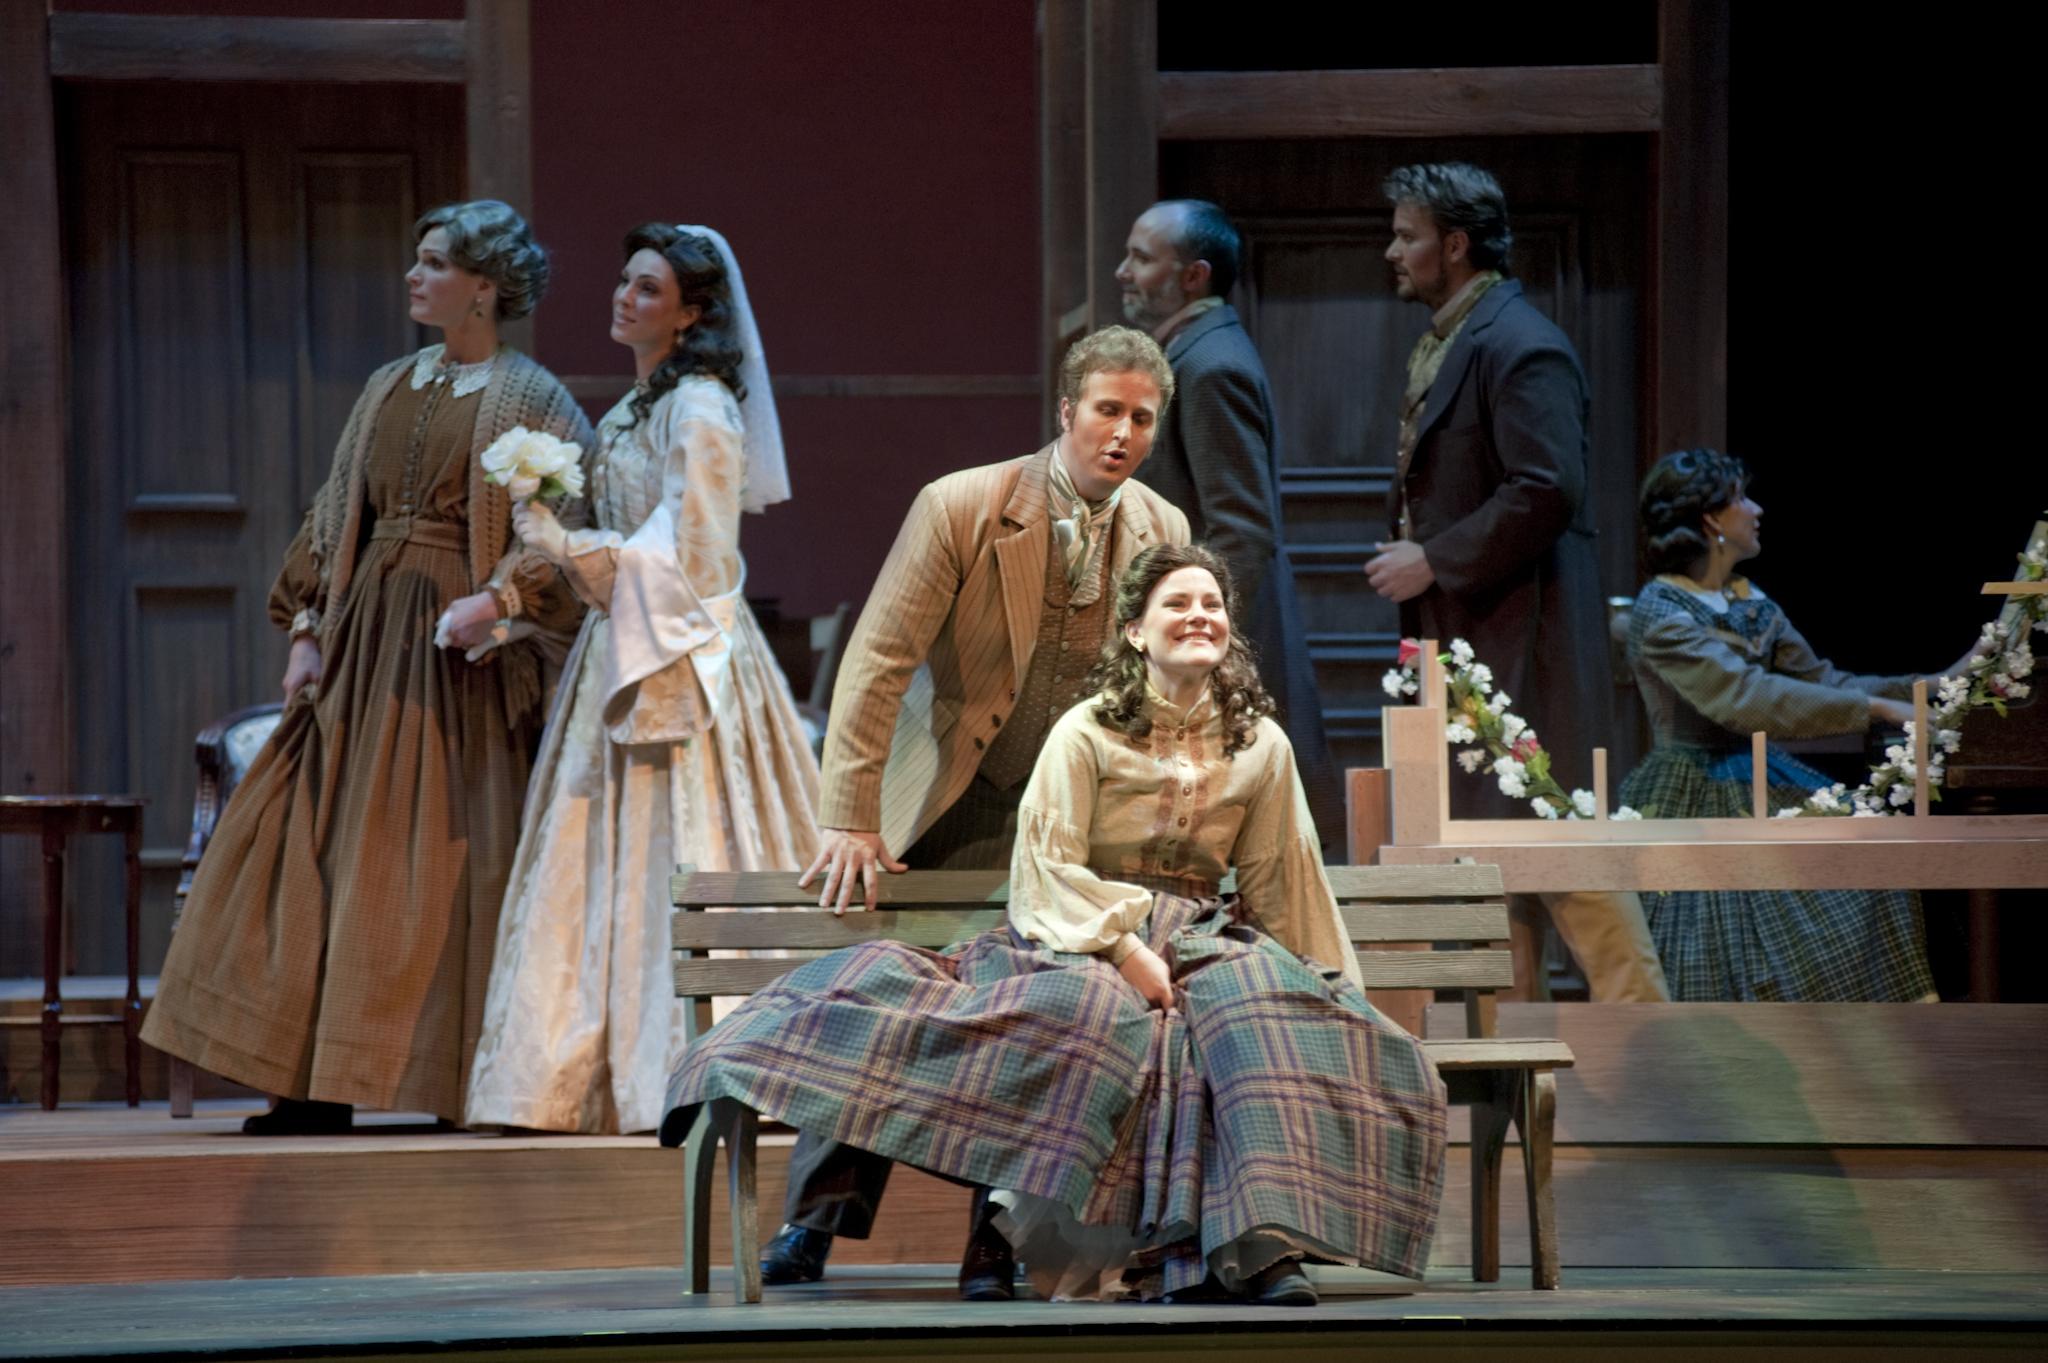 Opera_LilWomen_131.jpg